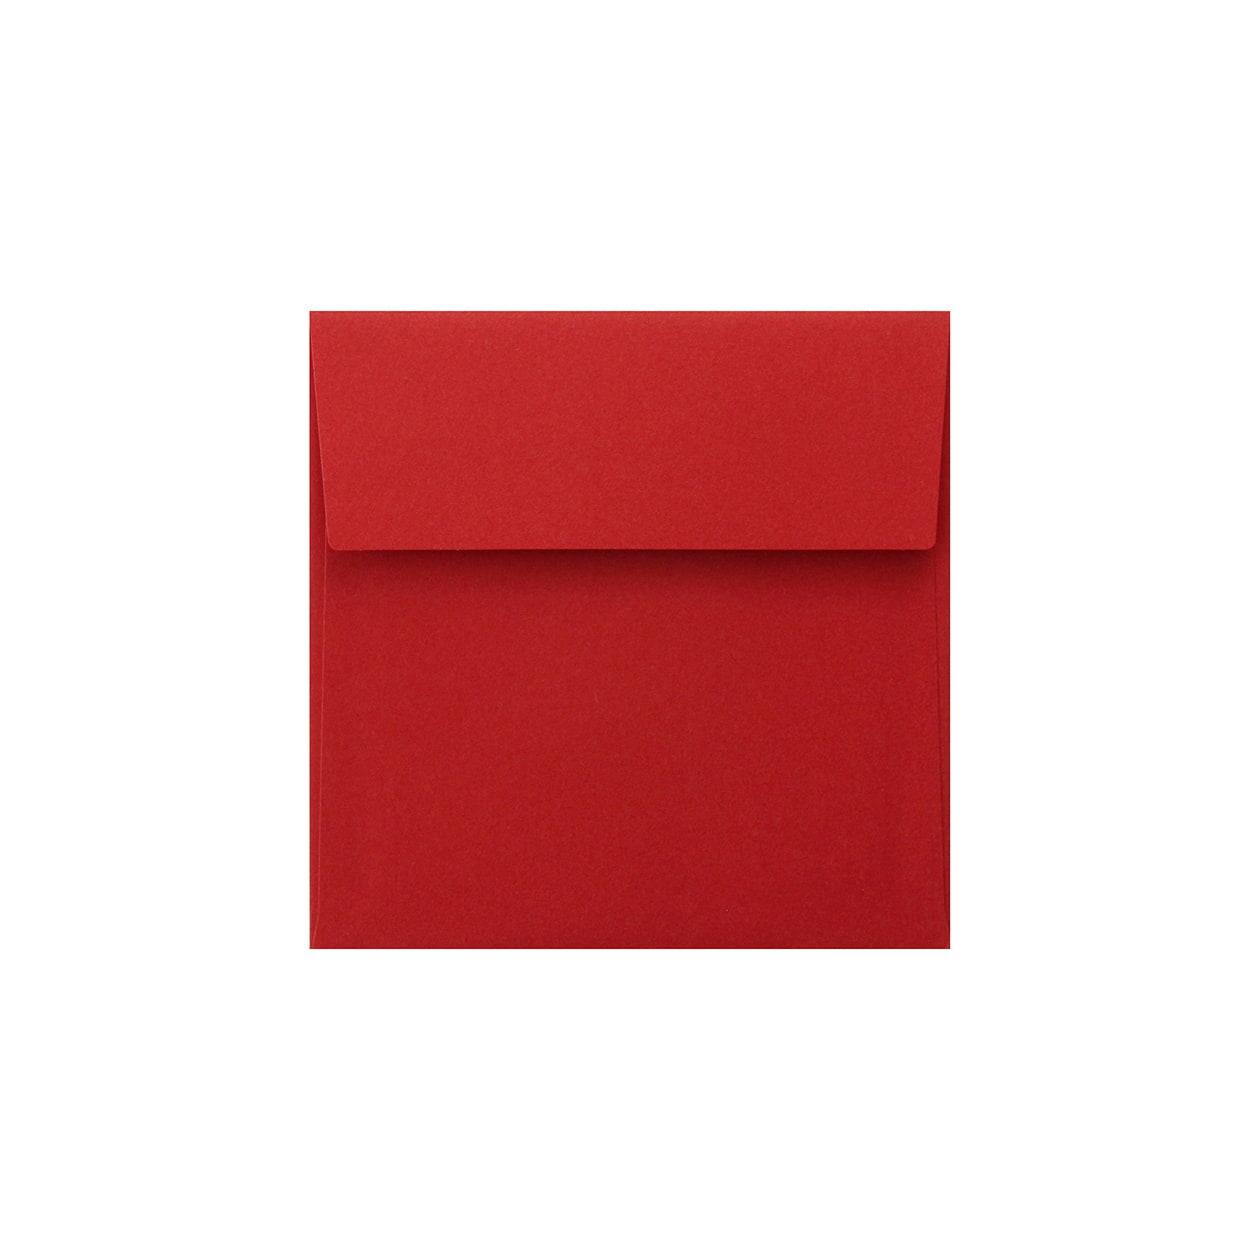 サンプル 封筒・袋 00102